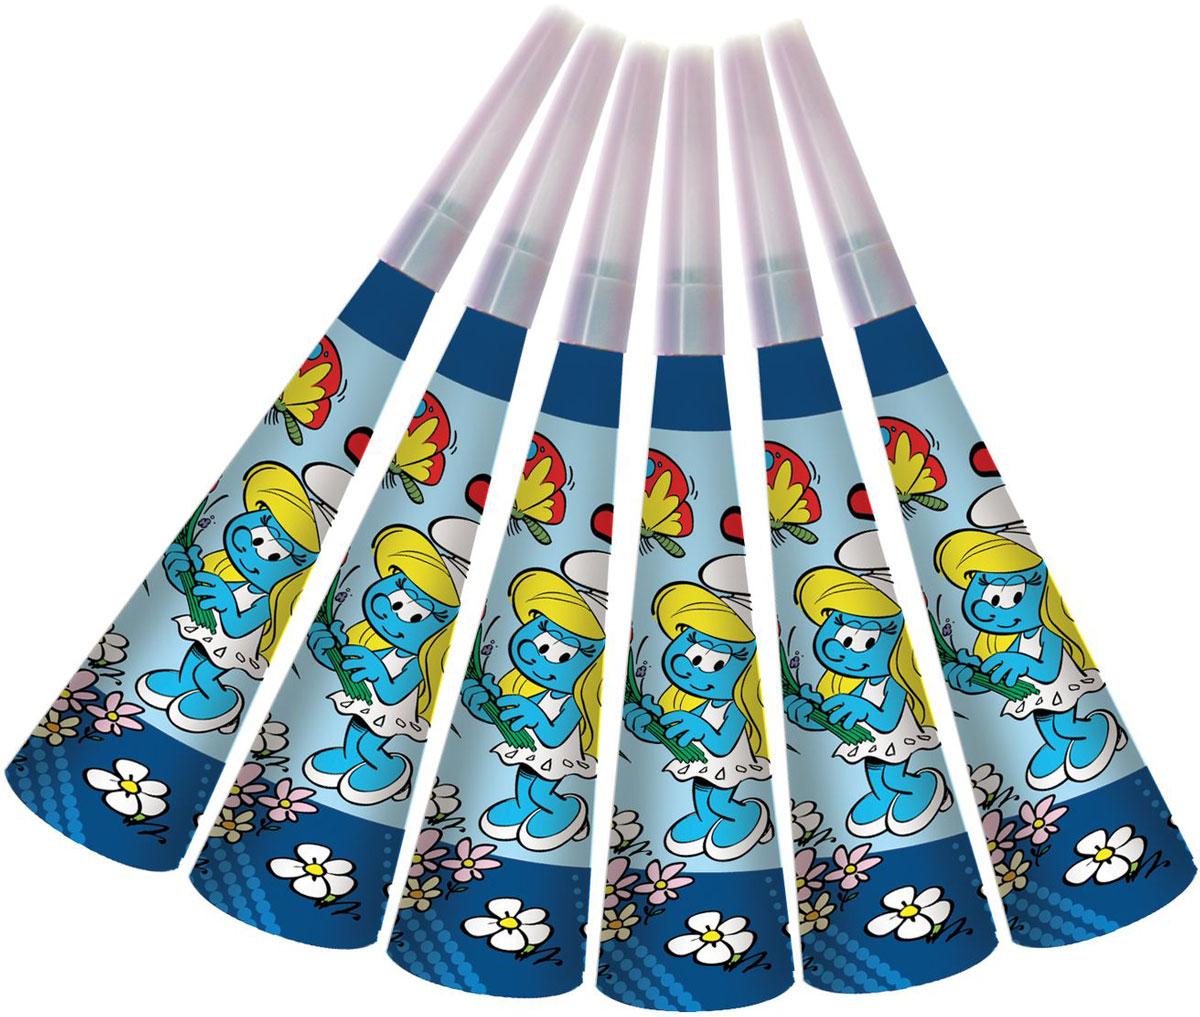 The Smurfs Дудочка бумажная Смурфики 6 шт26235Детский праздник – это множество самых разных игр и развлечений. И 6 бумажных дудочек Смурфики здесь весьма кстати! Устраивая соревнования на то, чей гудок получится громче или дольше, малыши будут не только веселиться от души, но и развивать дыхательную систему, что особенно полезно для их здоровья. А любимые герои привлекут всех участников торжества без исключения.